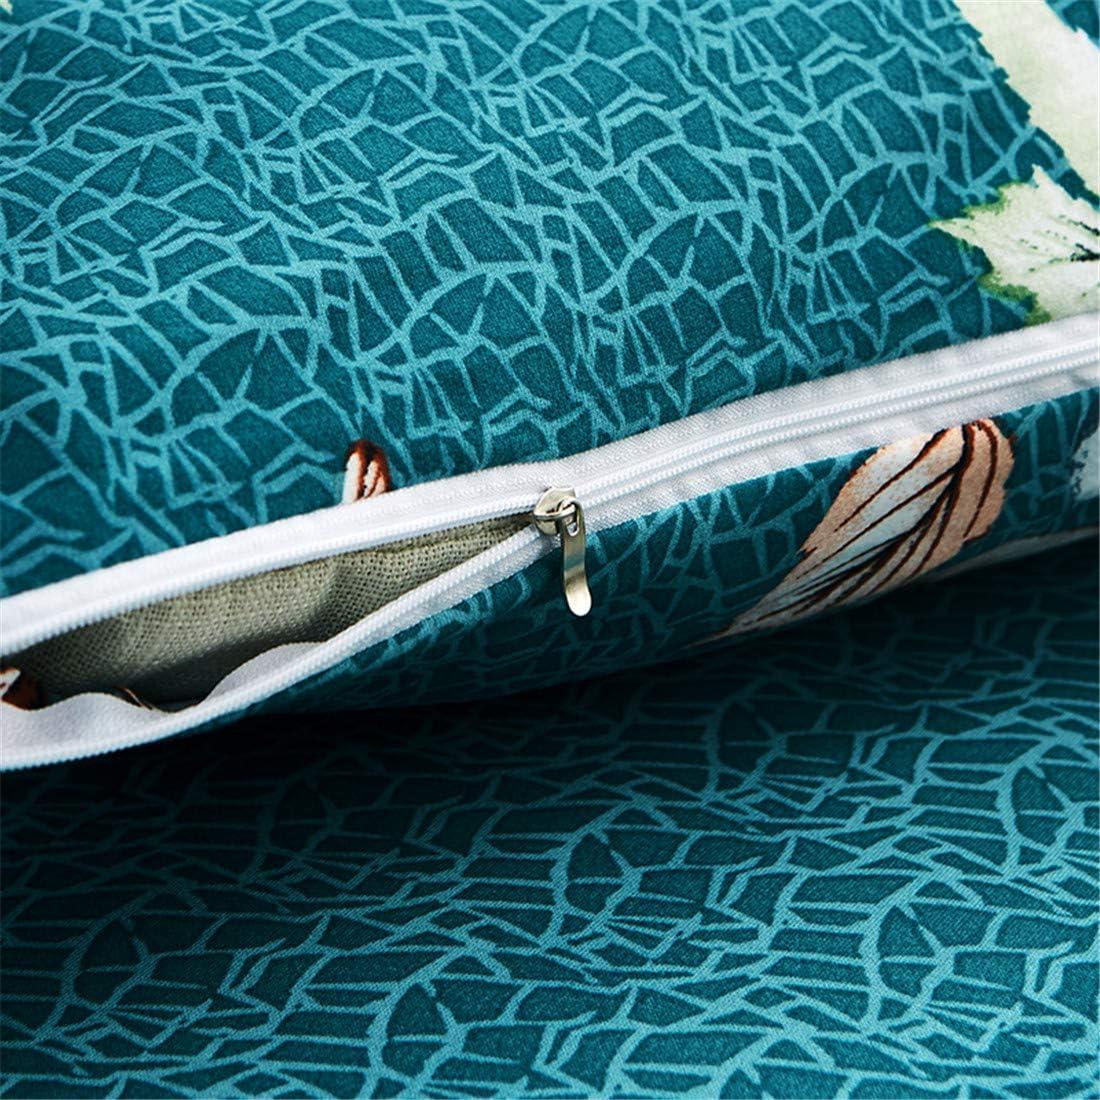 Odot Copridivano Elastico 1 Posto: 90-140cm,Cactus Copridivano Salotto Protettore Imbottito Sofa Antiscivolo Ideale per Poltrone Mobili Copridivano